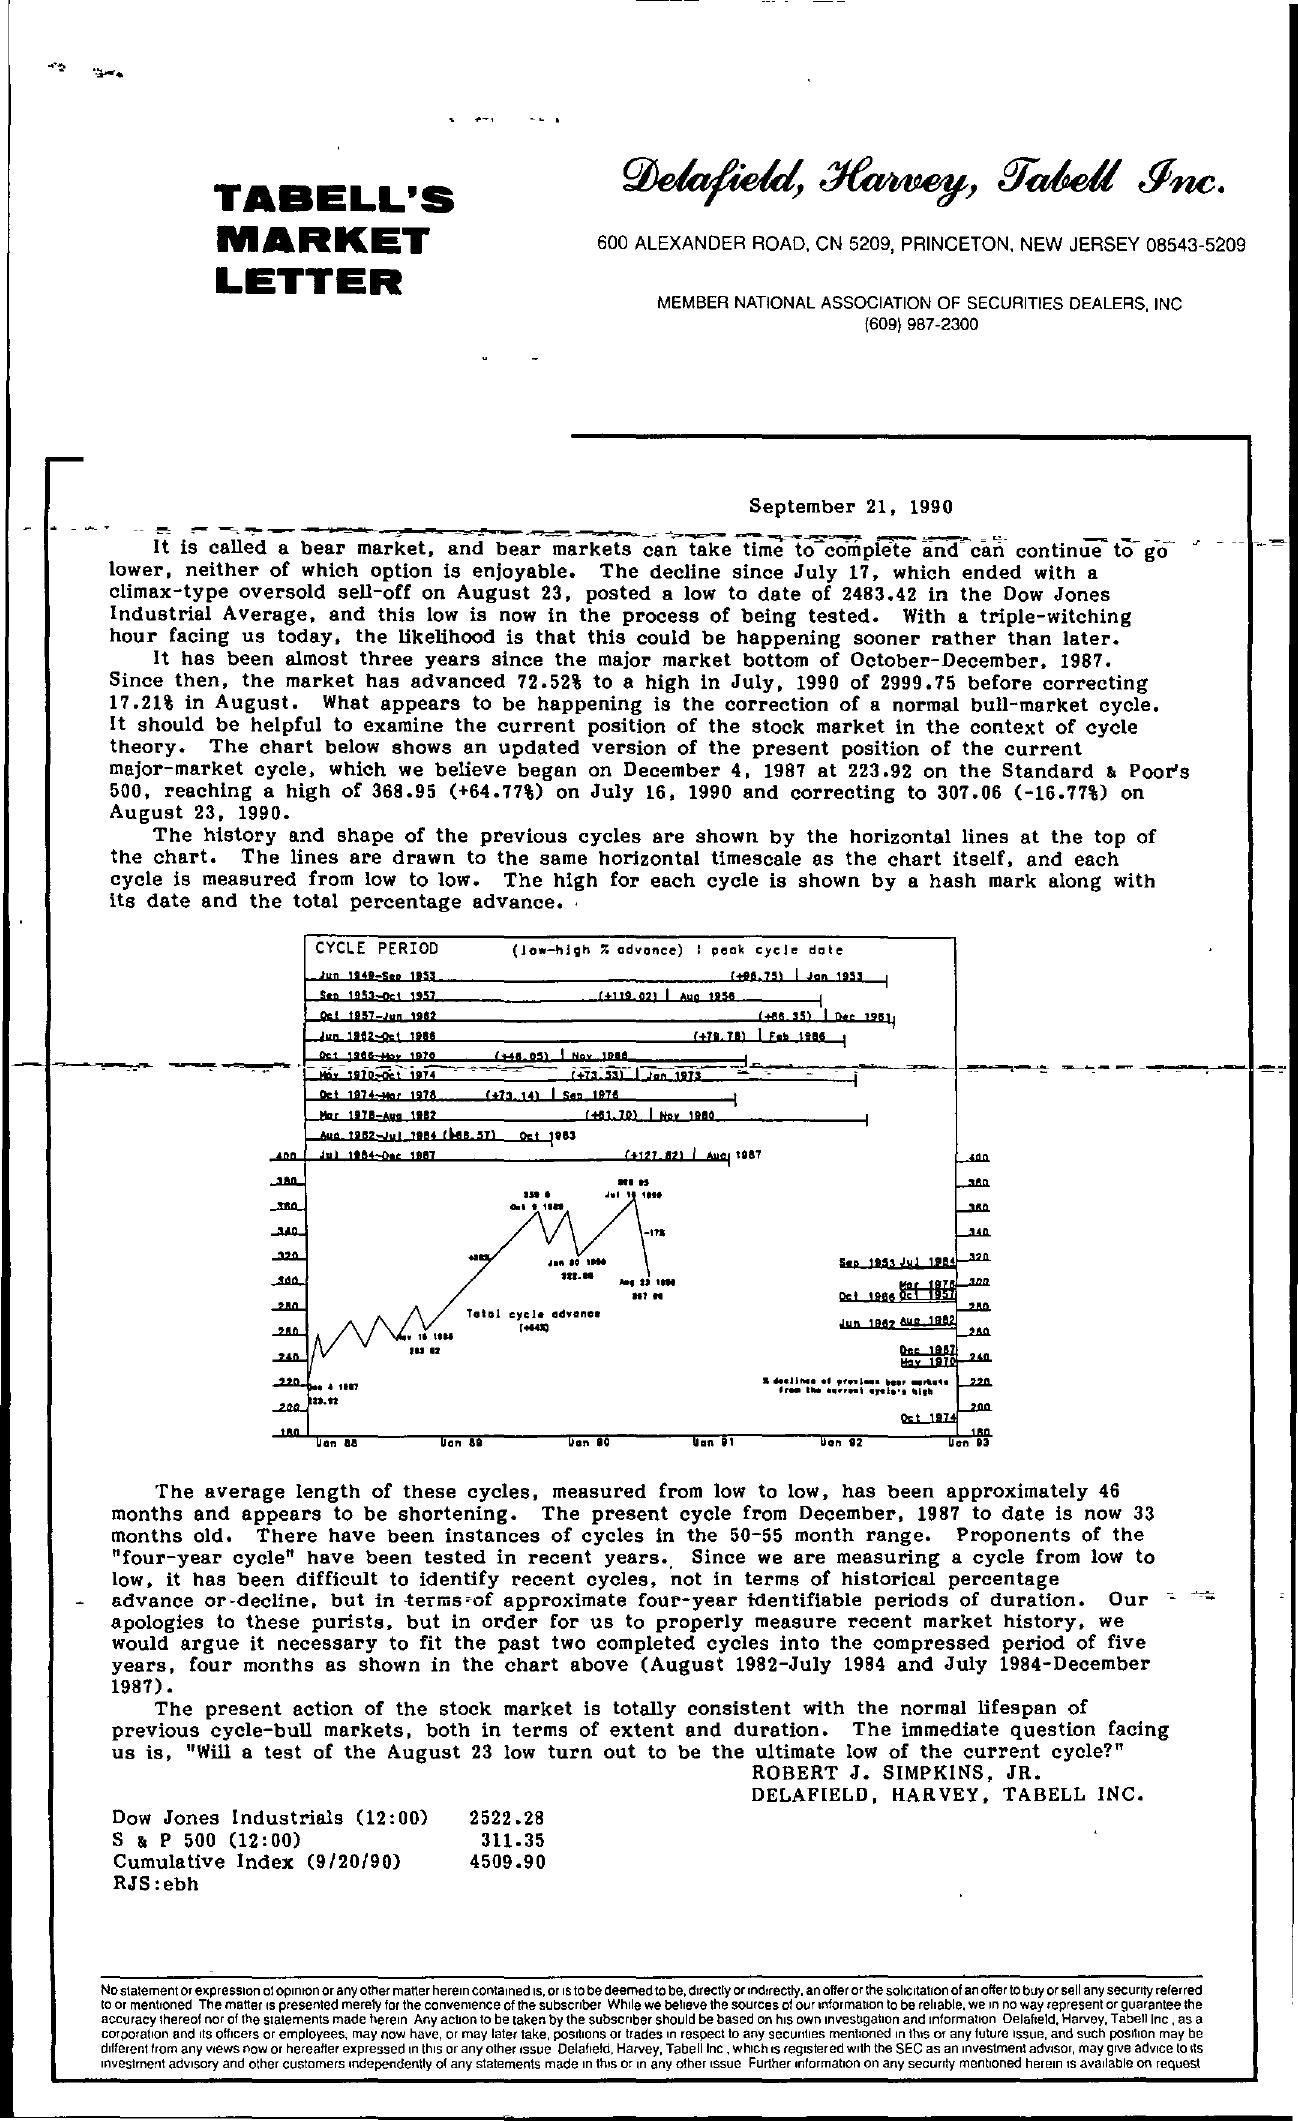 Tabell's Market Letter - September 21, 1990